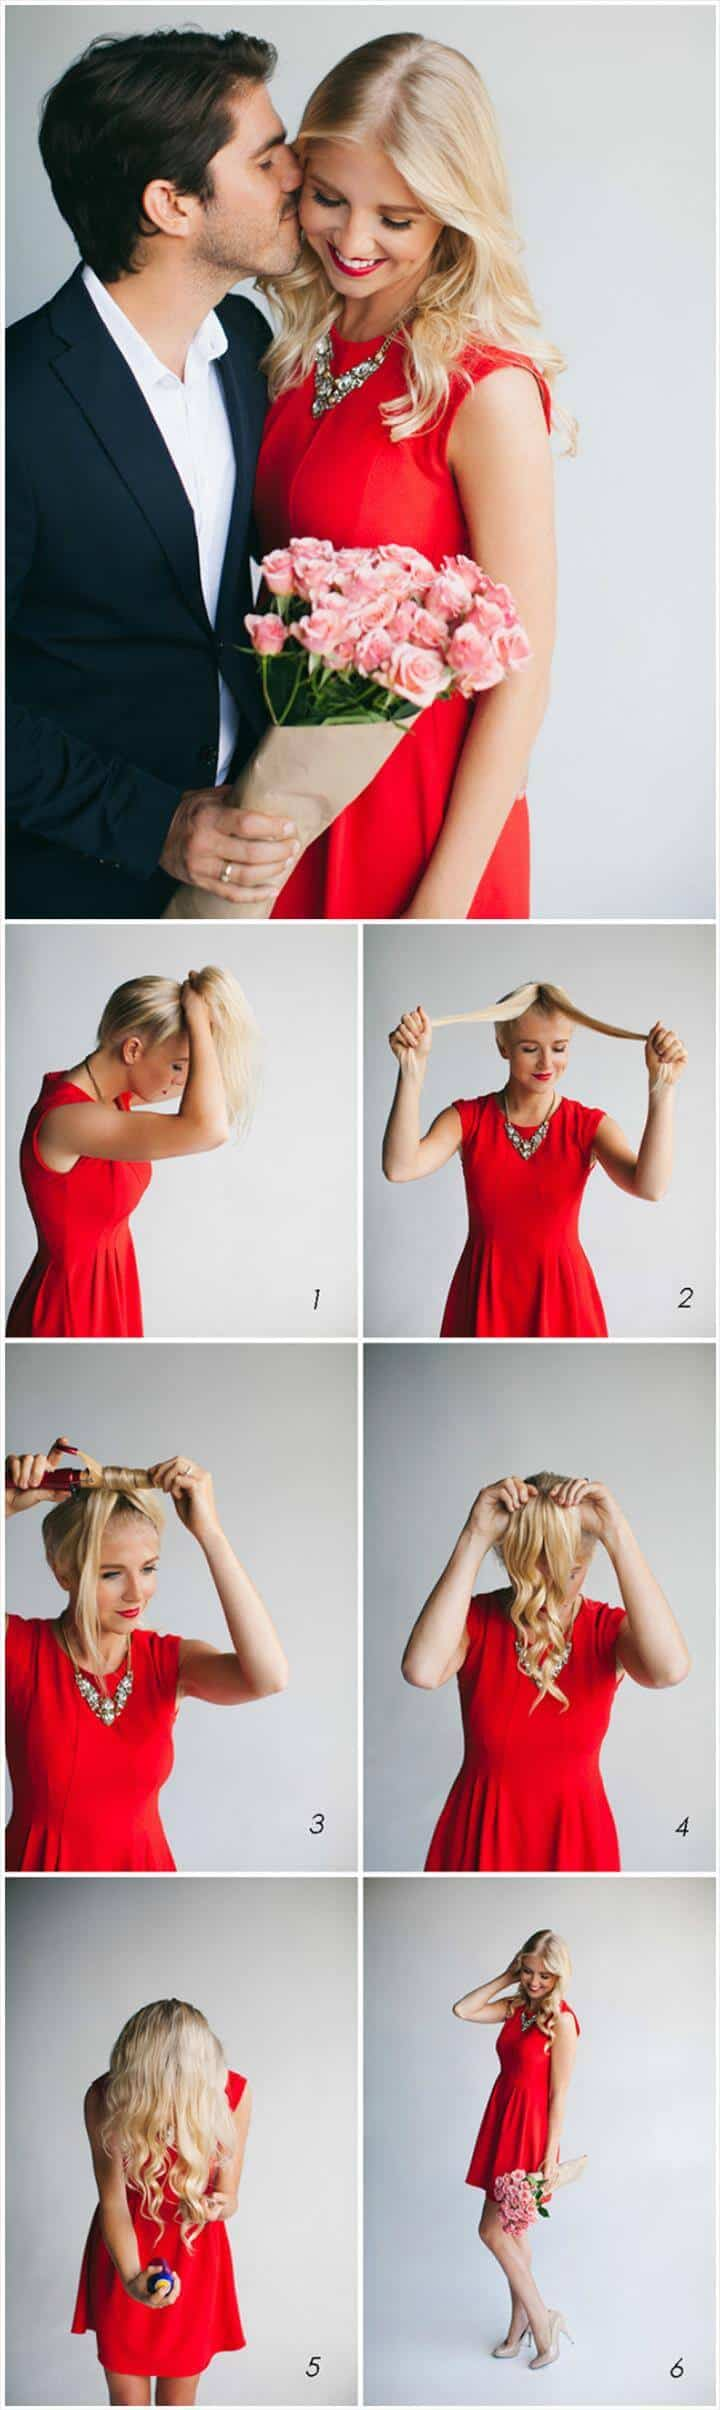 peinado rizado fácil y rápido